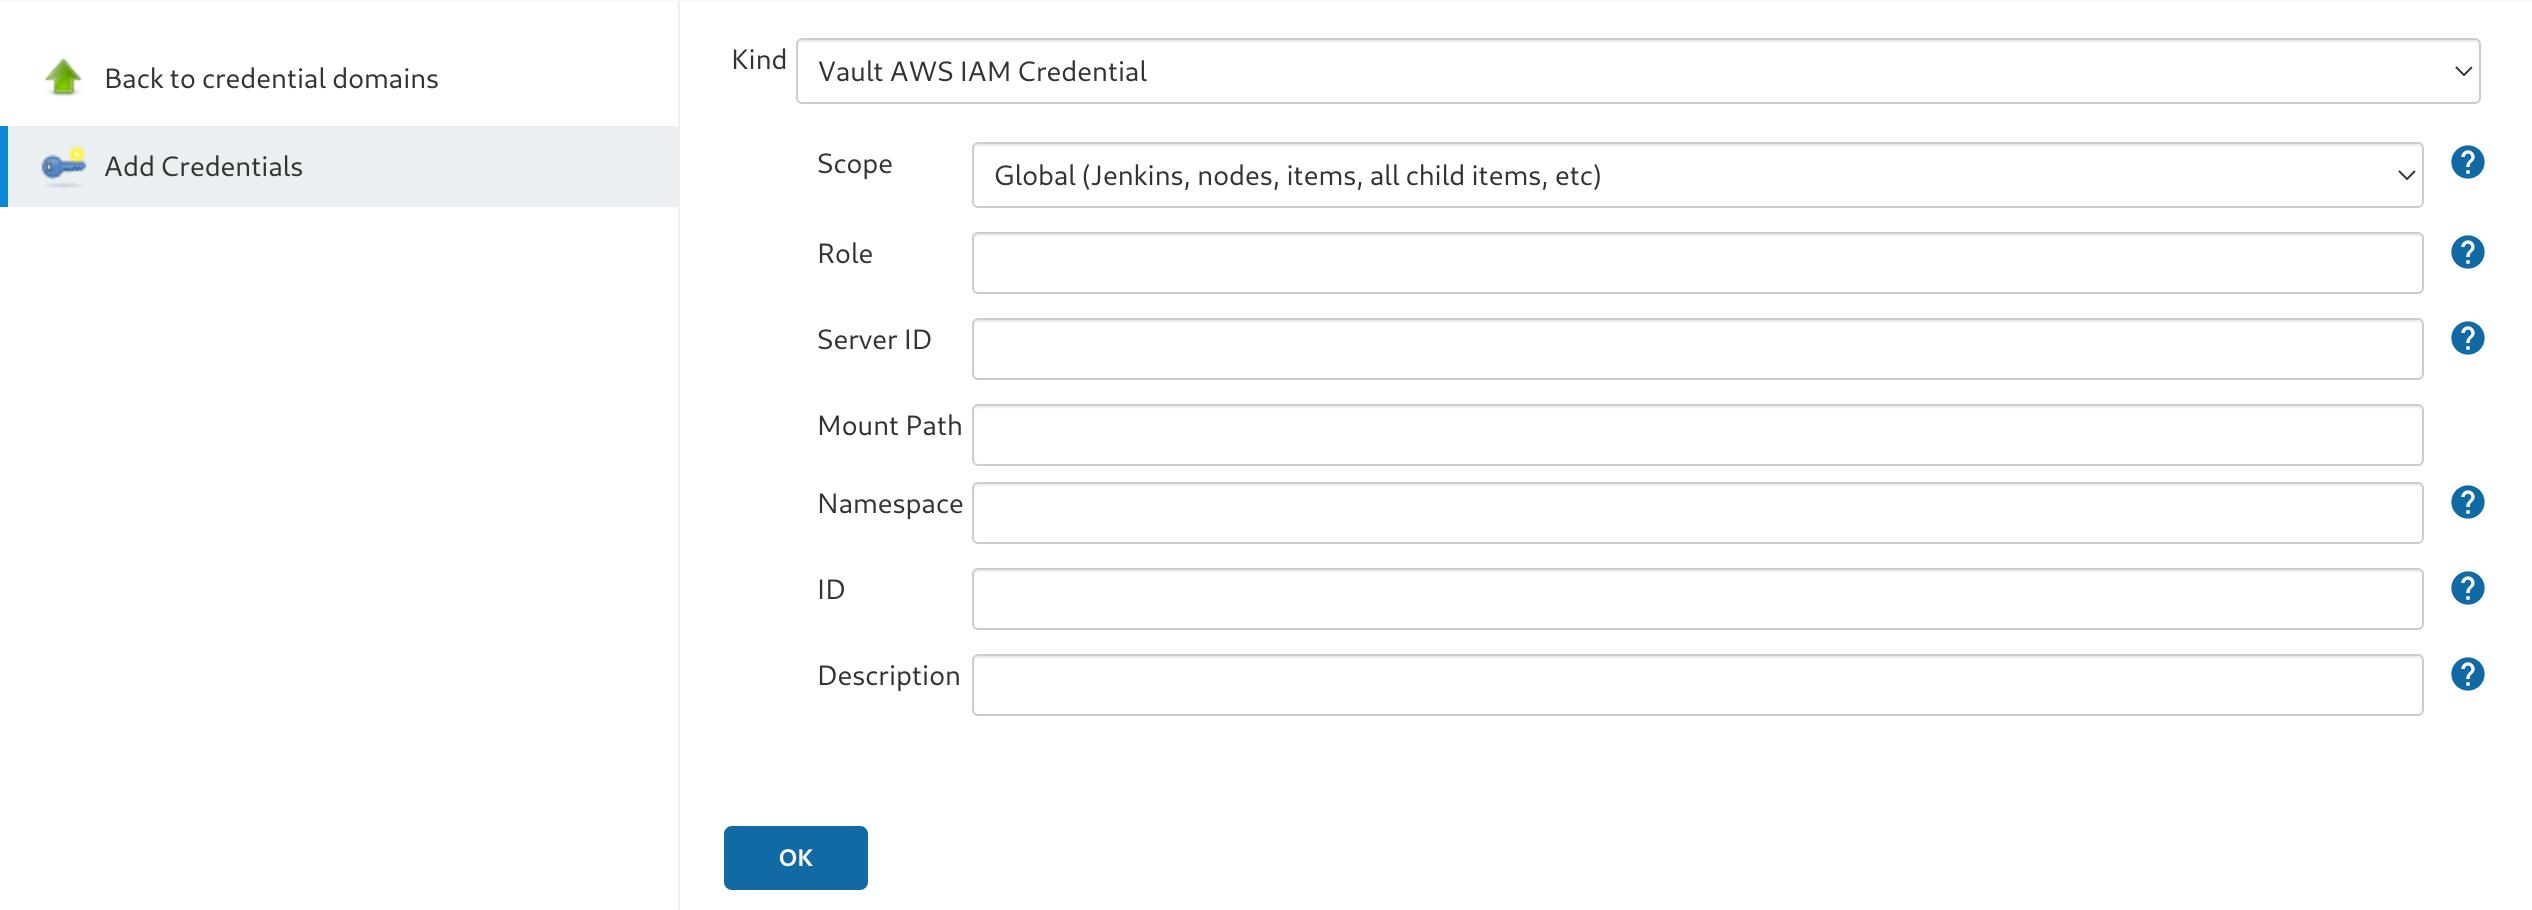 AWS IAM Credential